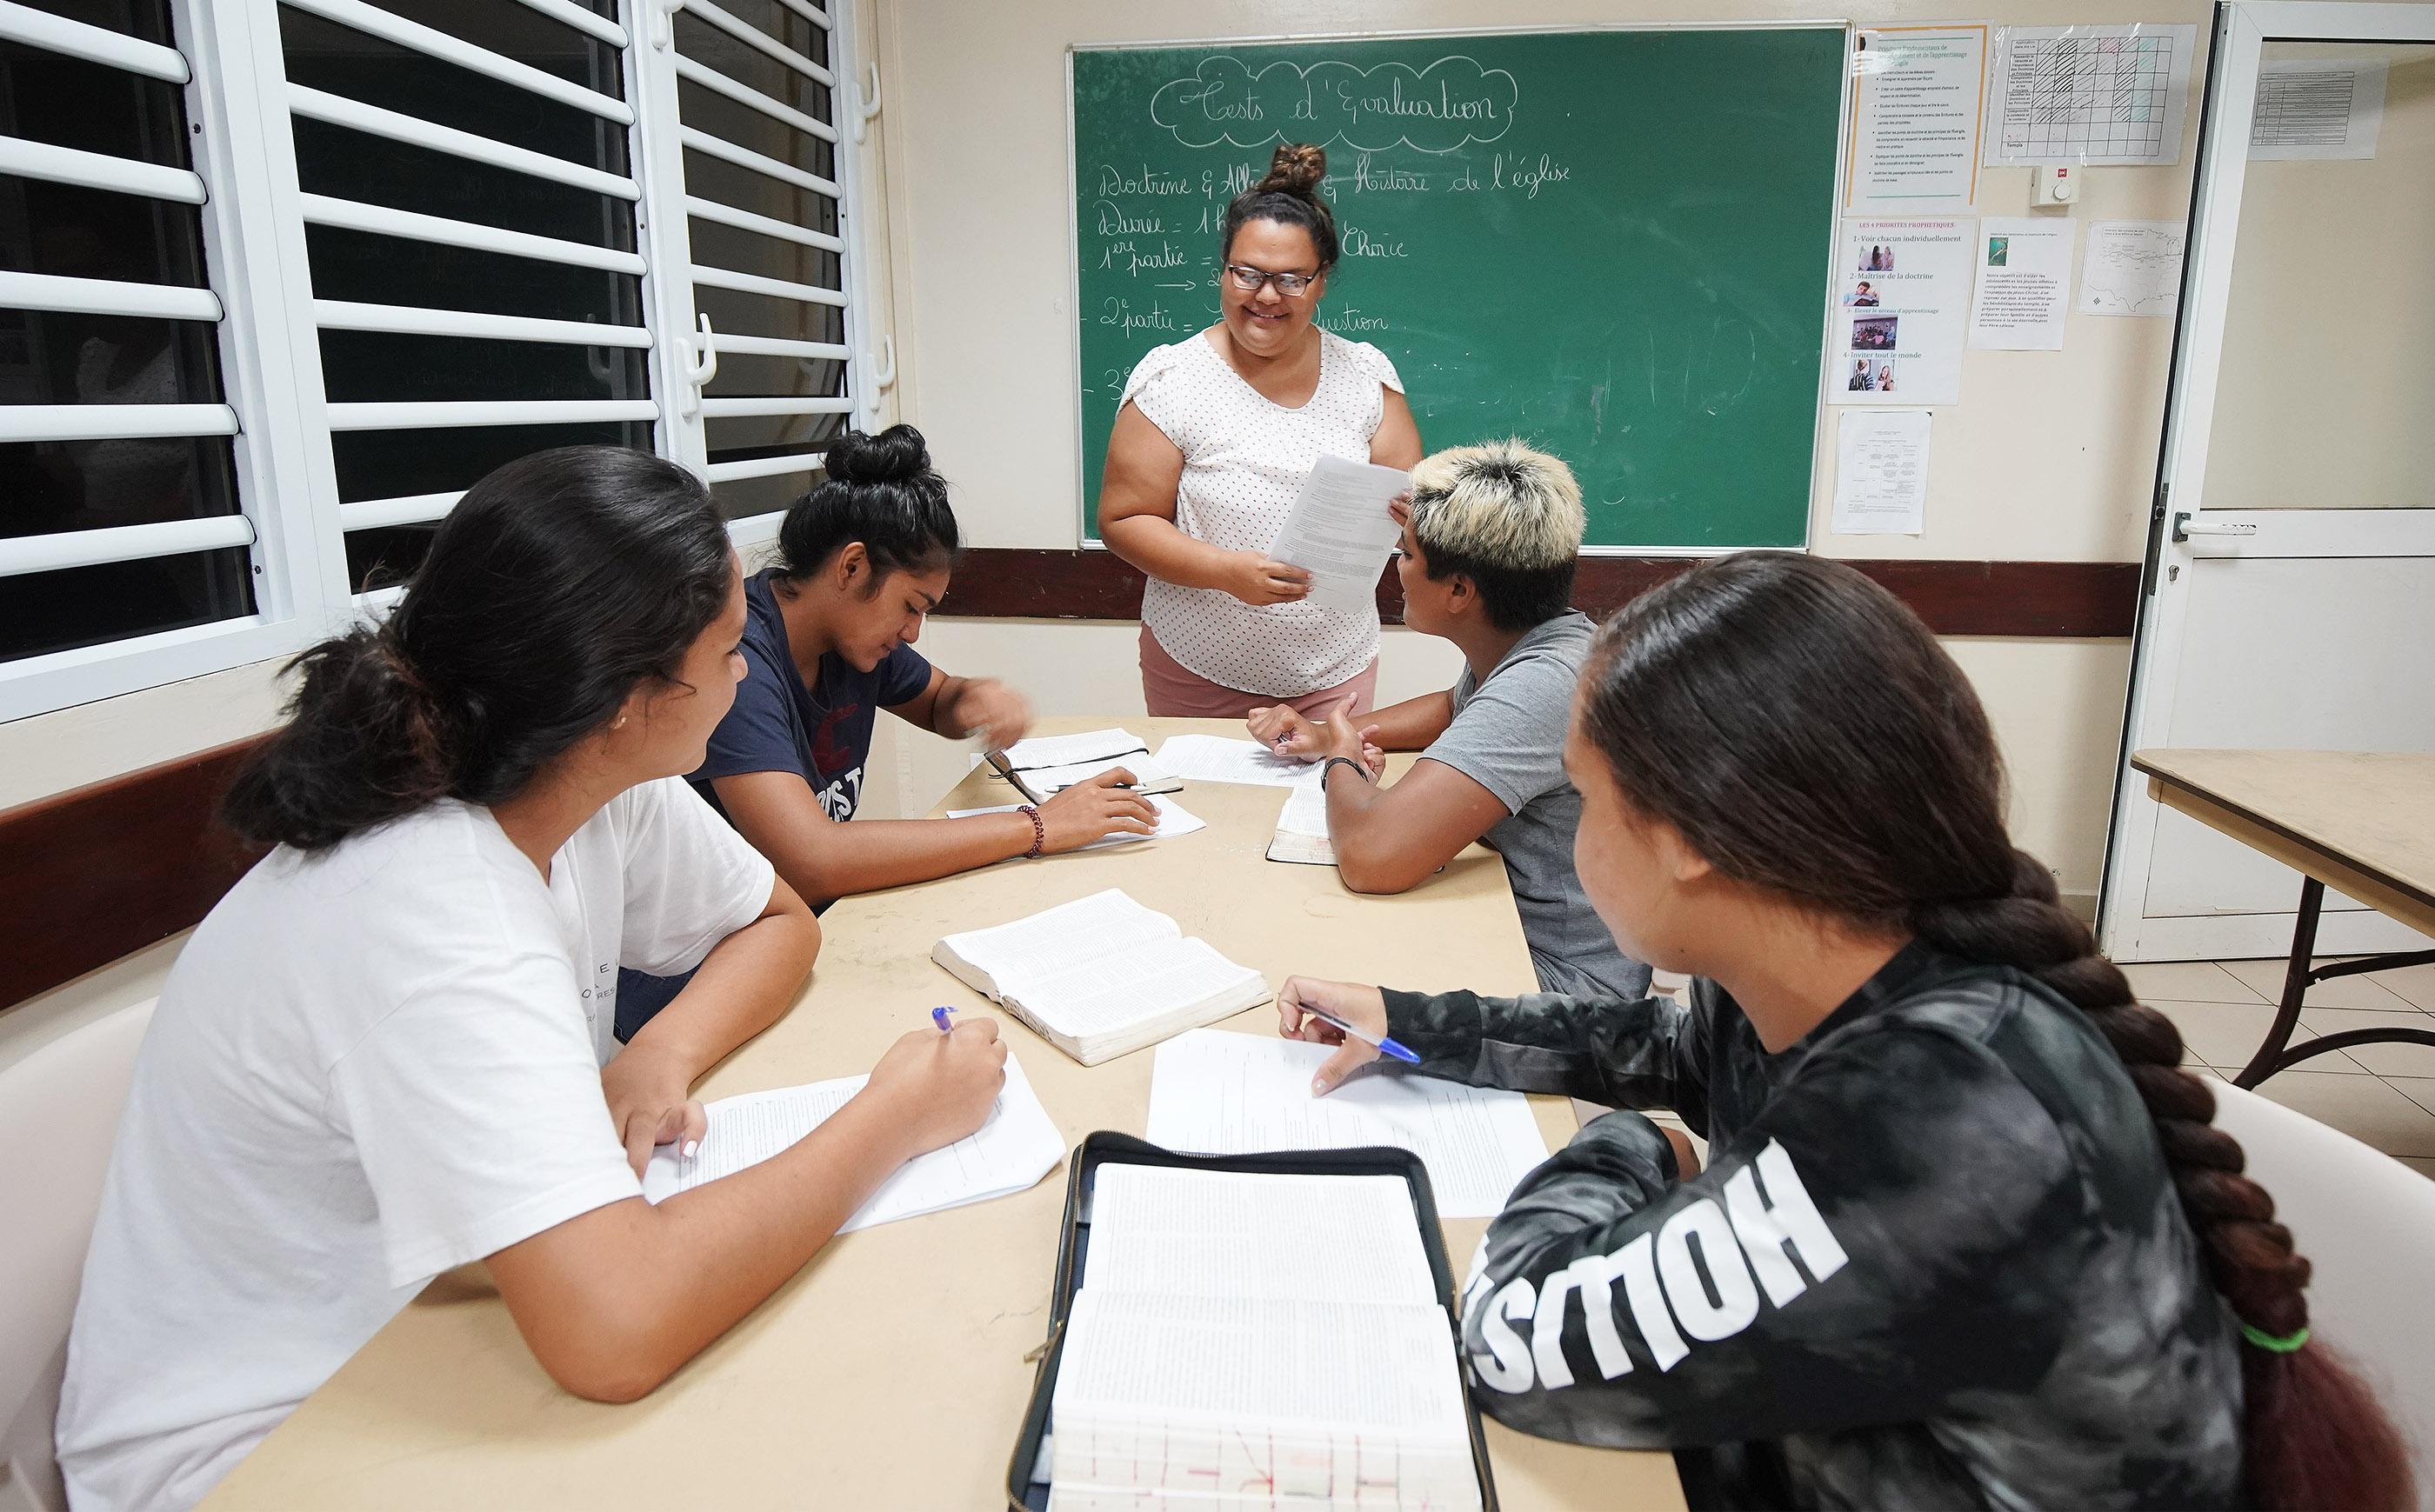 Roopinia Hilowea teaches Latter-day Saint seminary in Bora Bora on May 28, 2019.